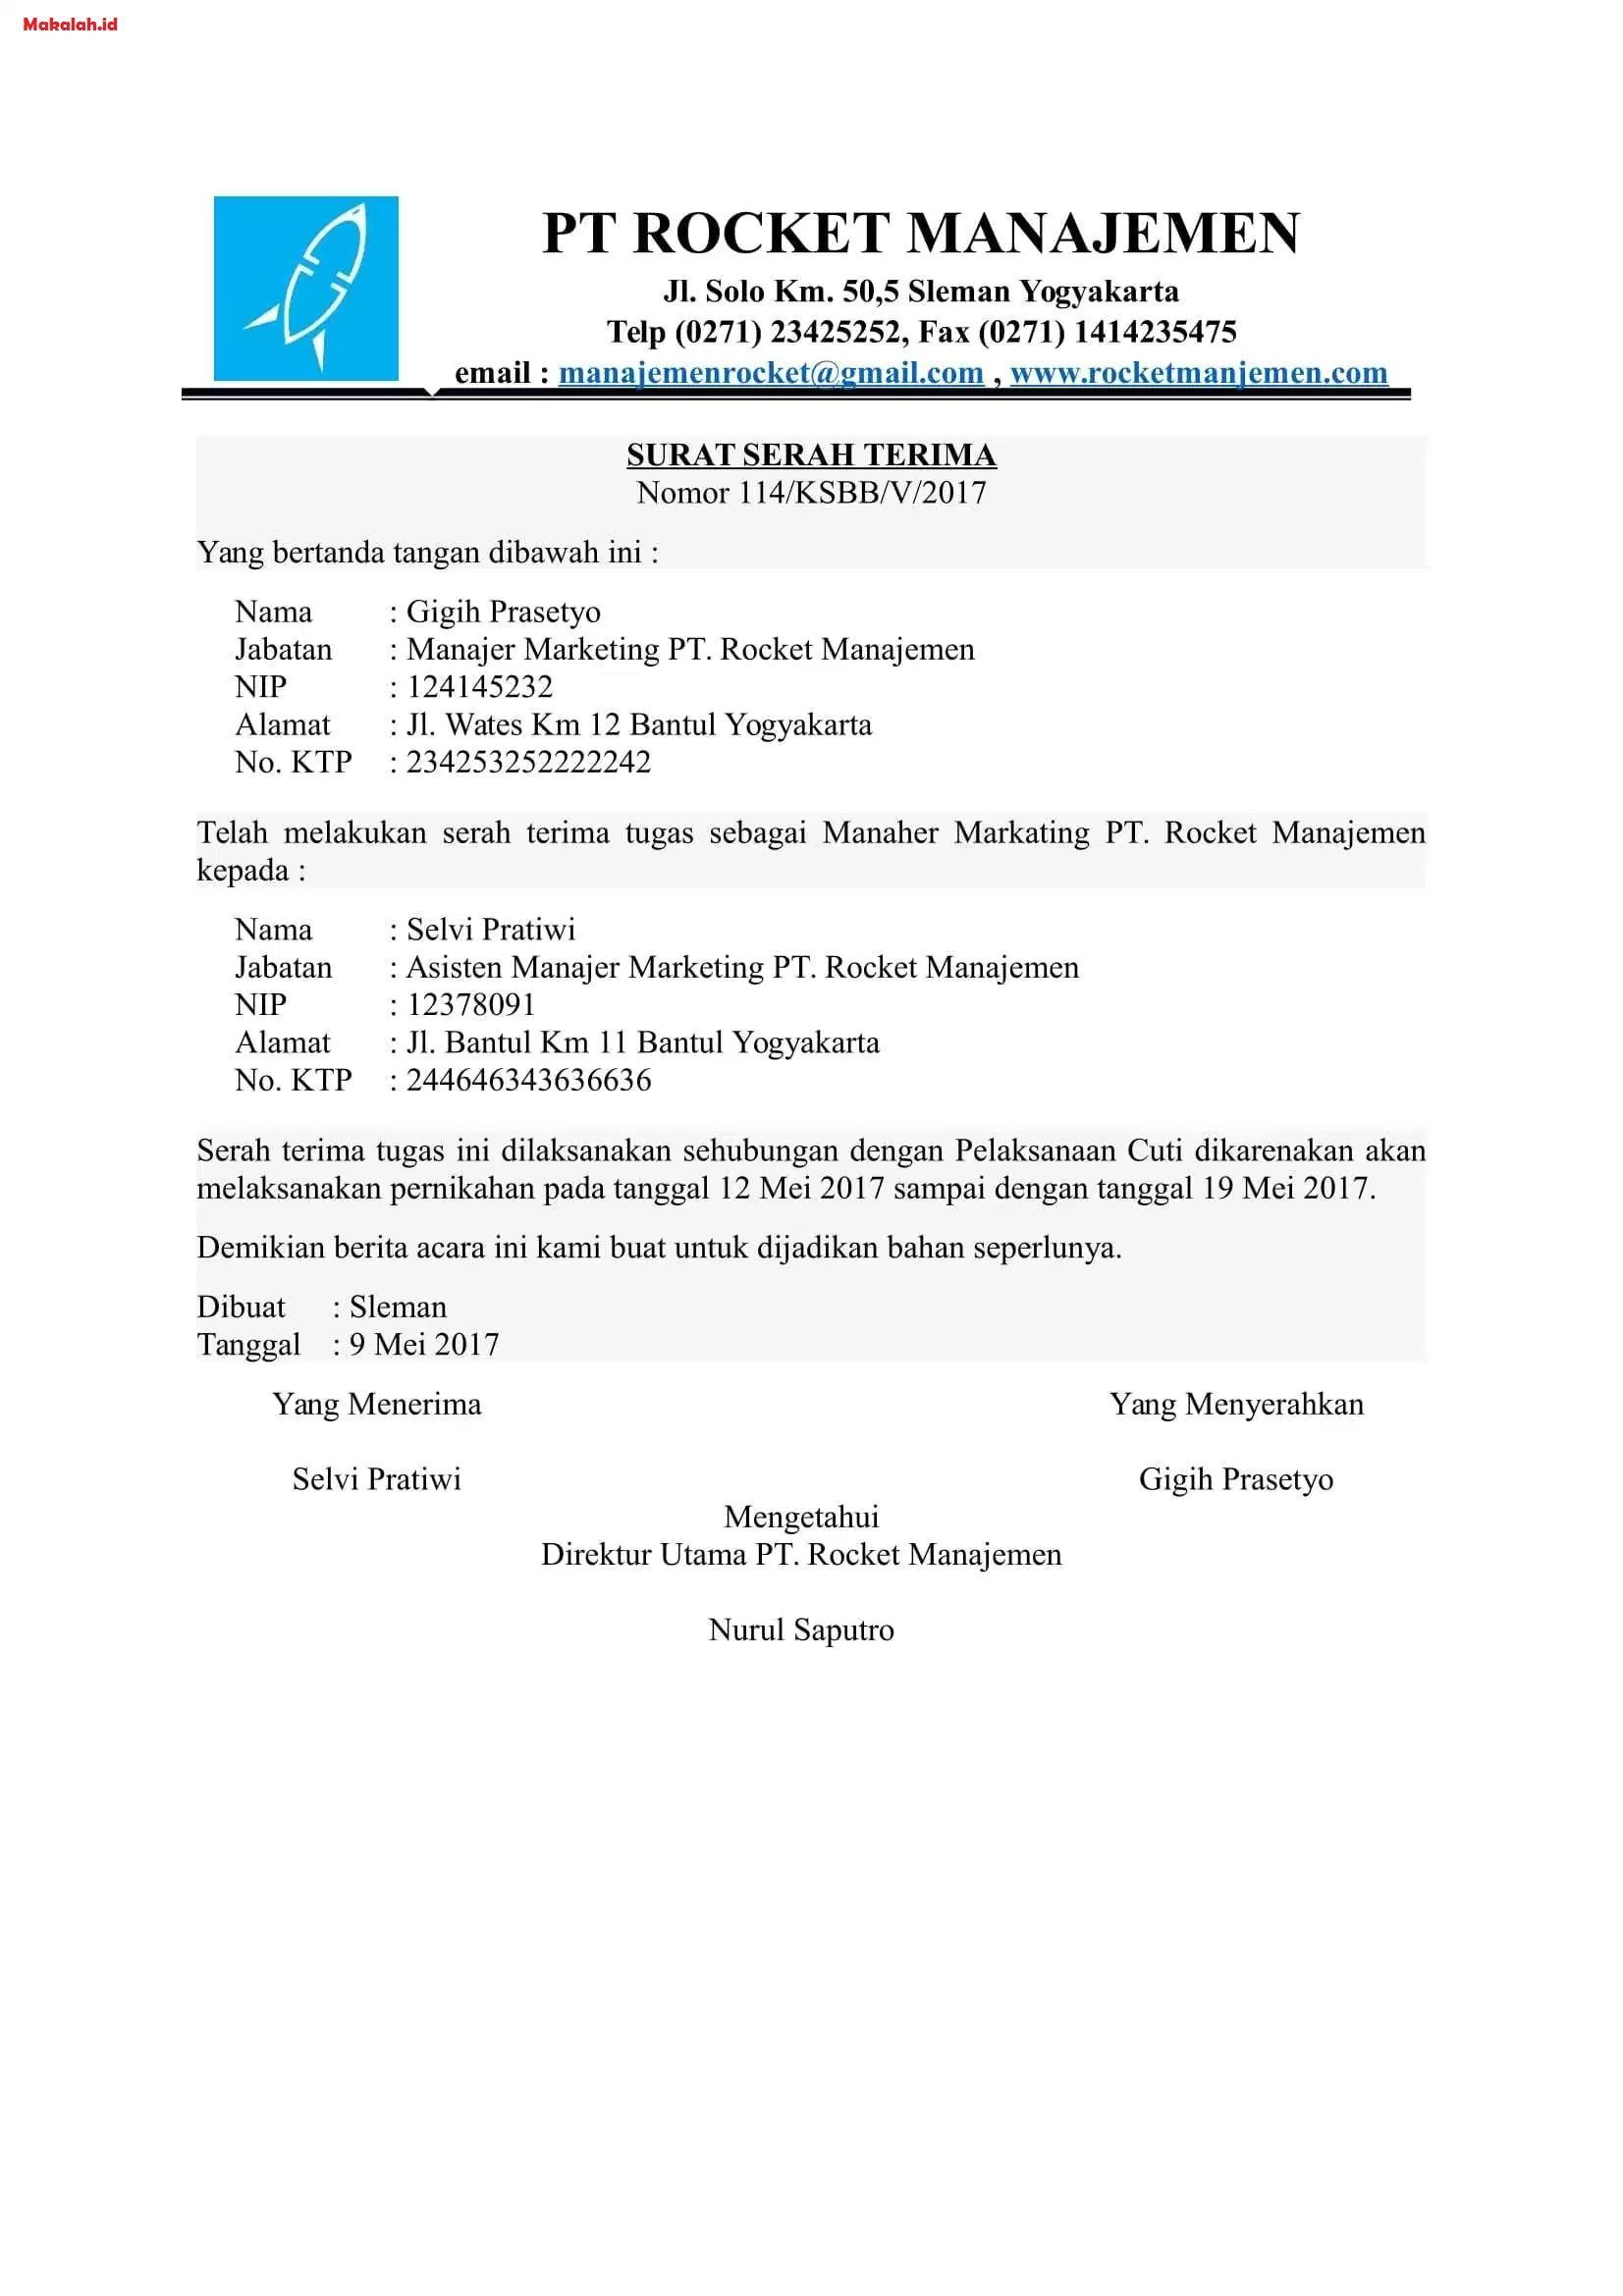 Contoh Surat Pengunduran Diri Dari Kantor Dinas Surat Pengunduran Diri Surat Tulisan